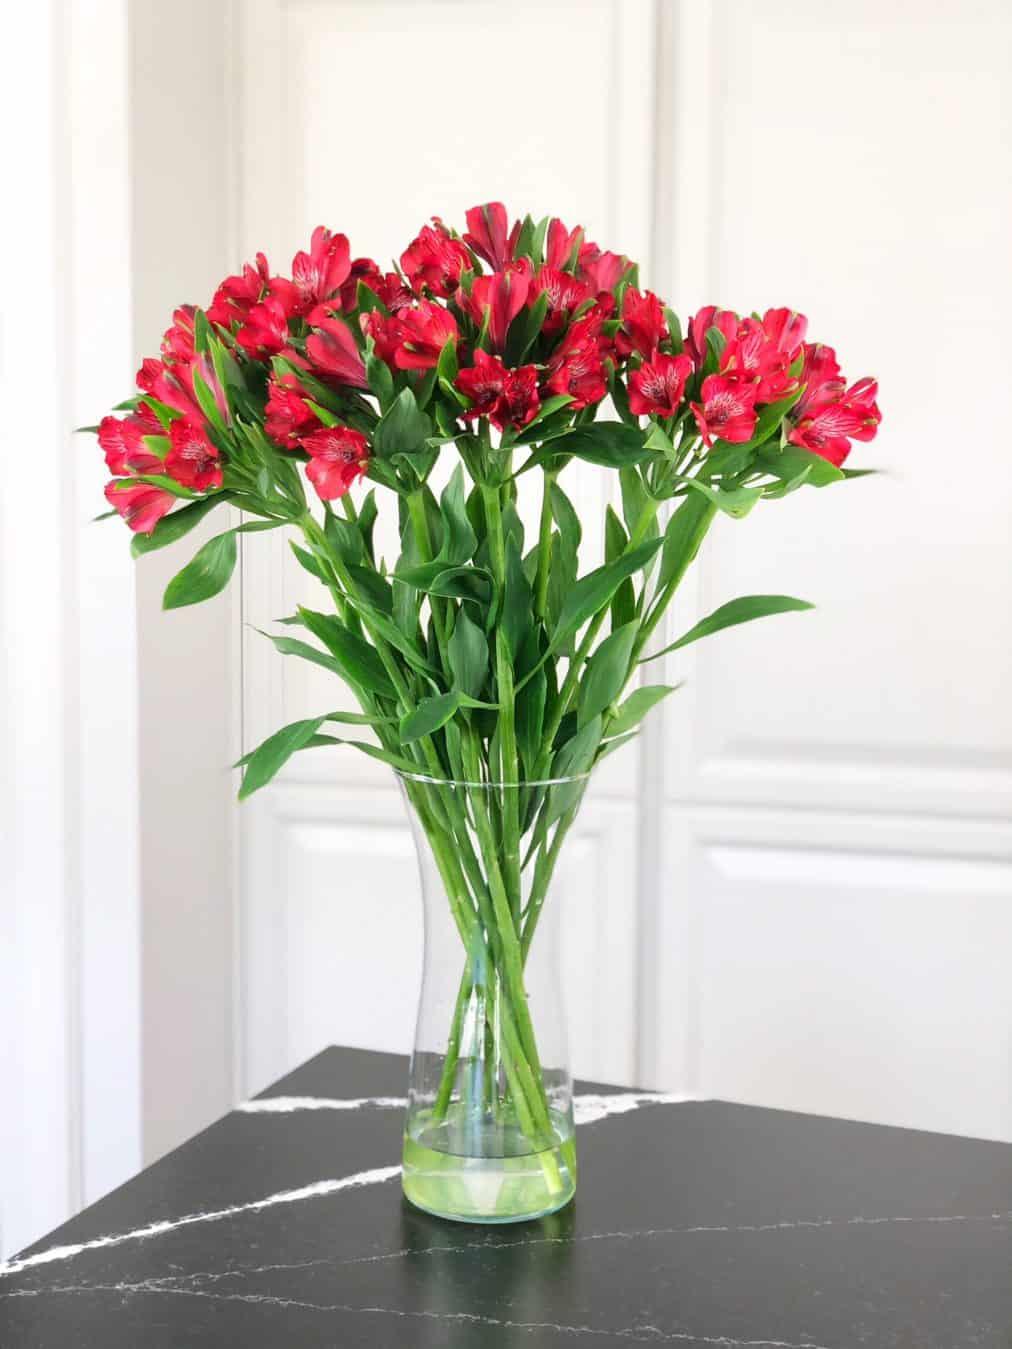 778fddfc06e INKALIILIA - Telli lilled kulleriga koju või kontorisse | Studio Nelk